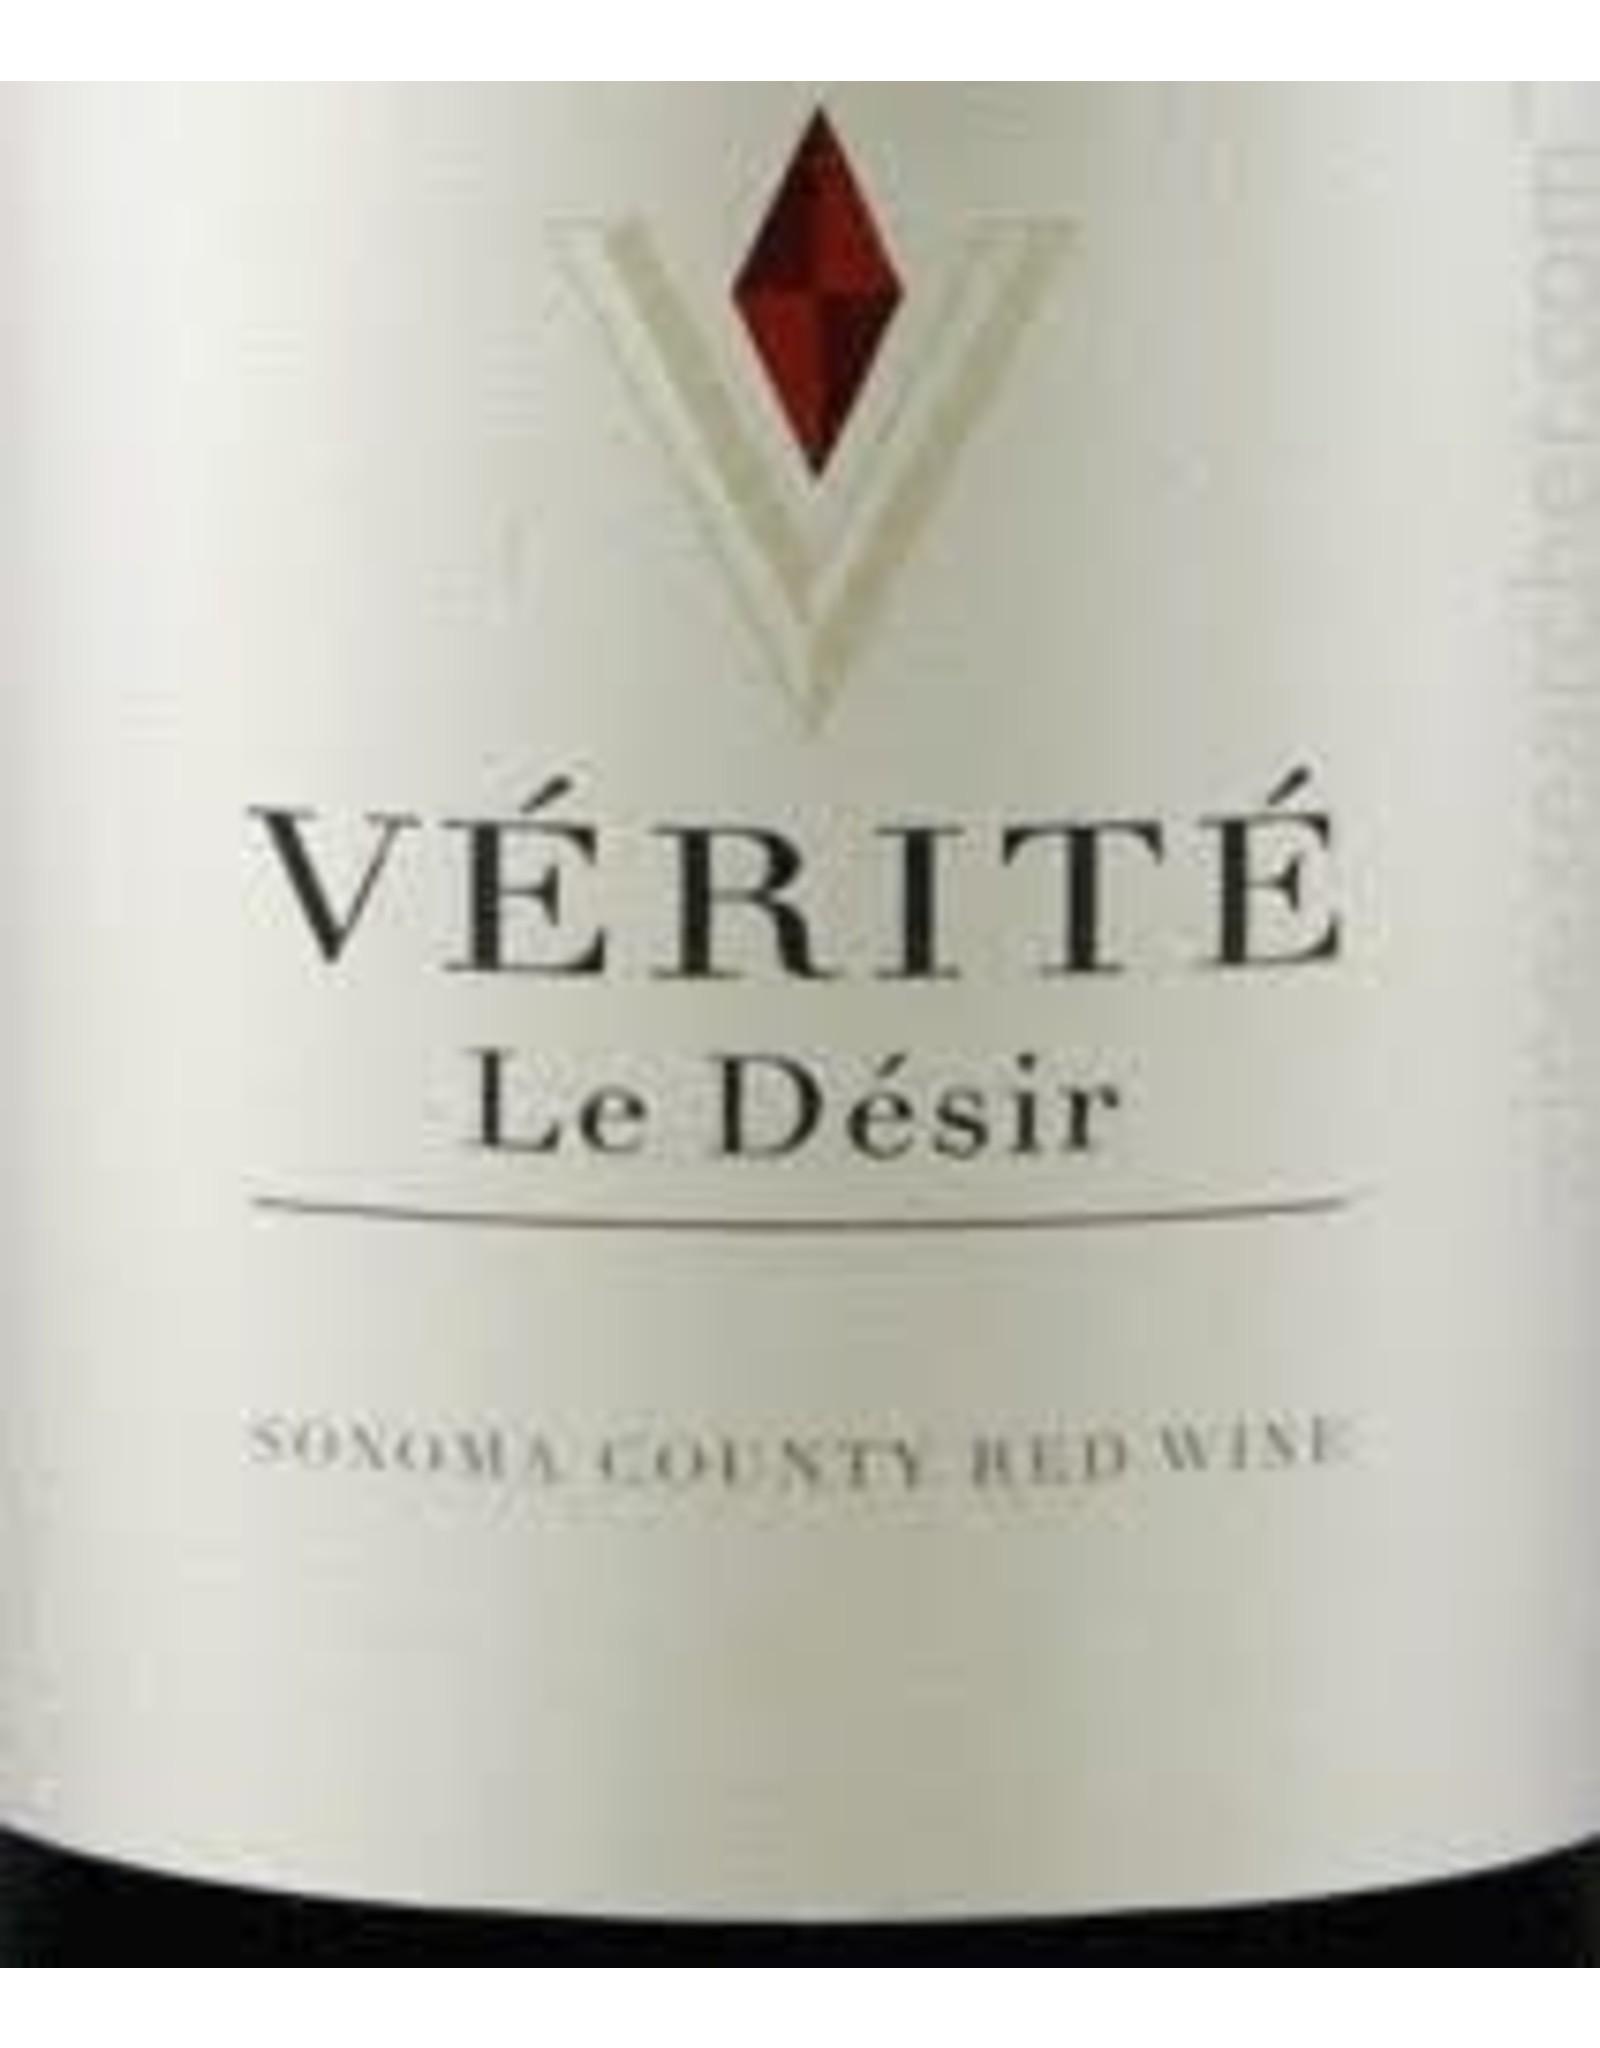 Verite 'Le Desir' Meritage, Sonoma County 2009